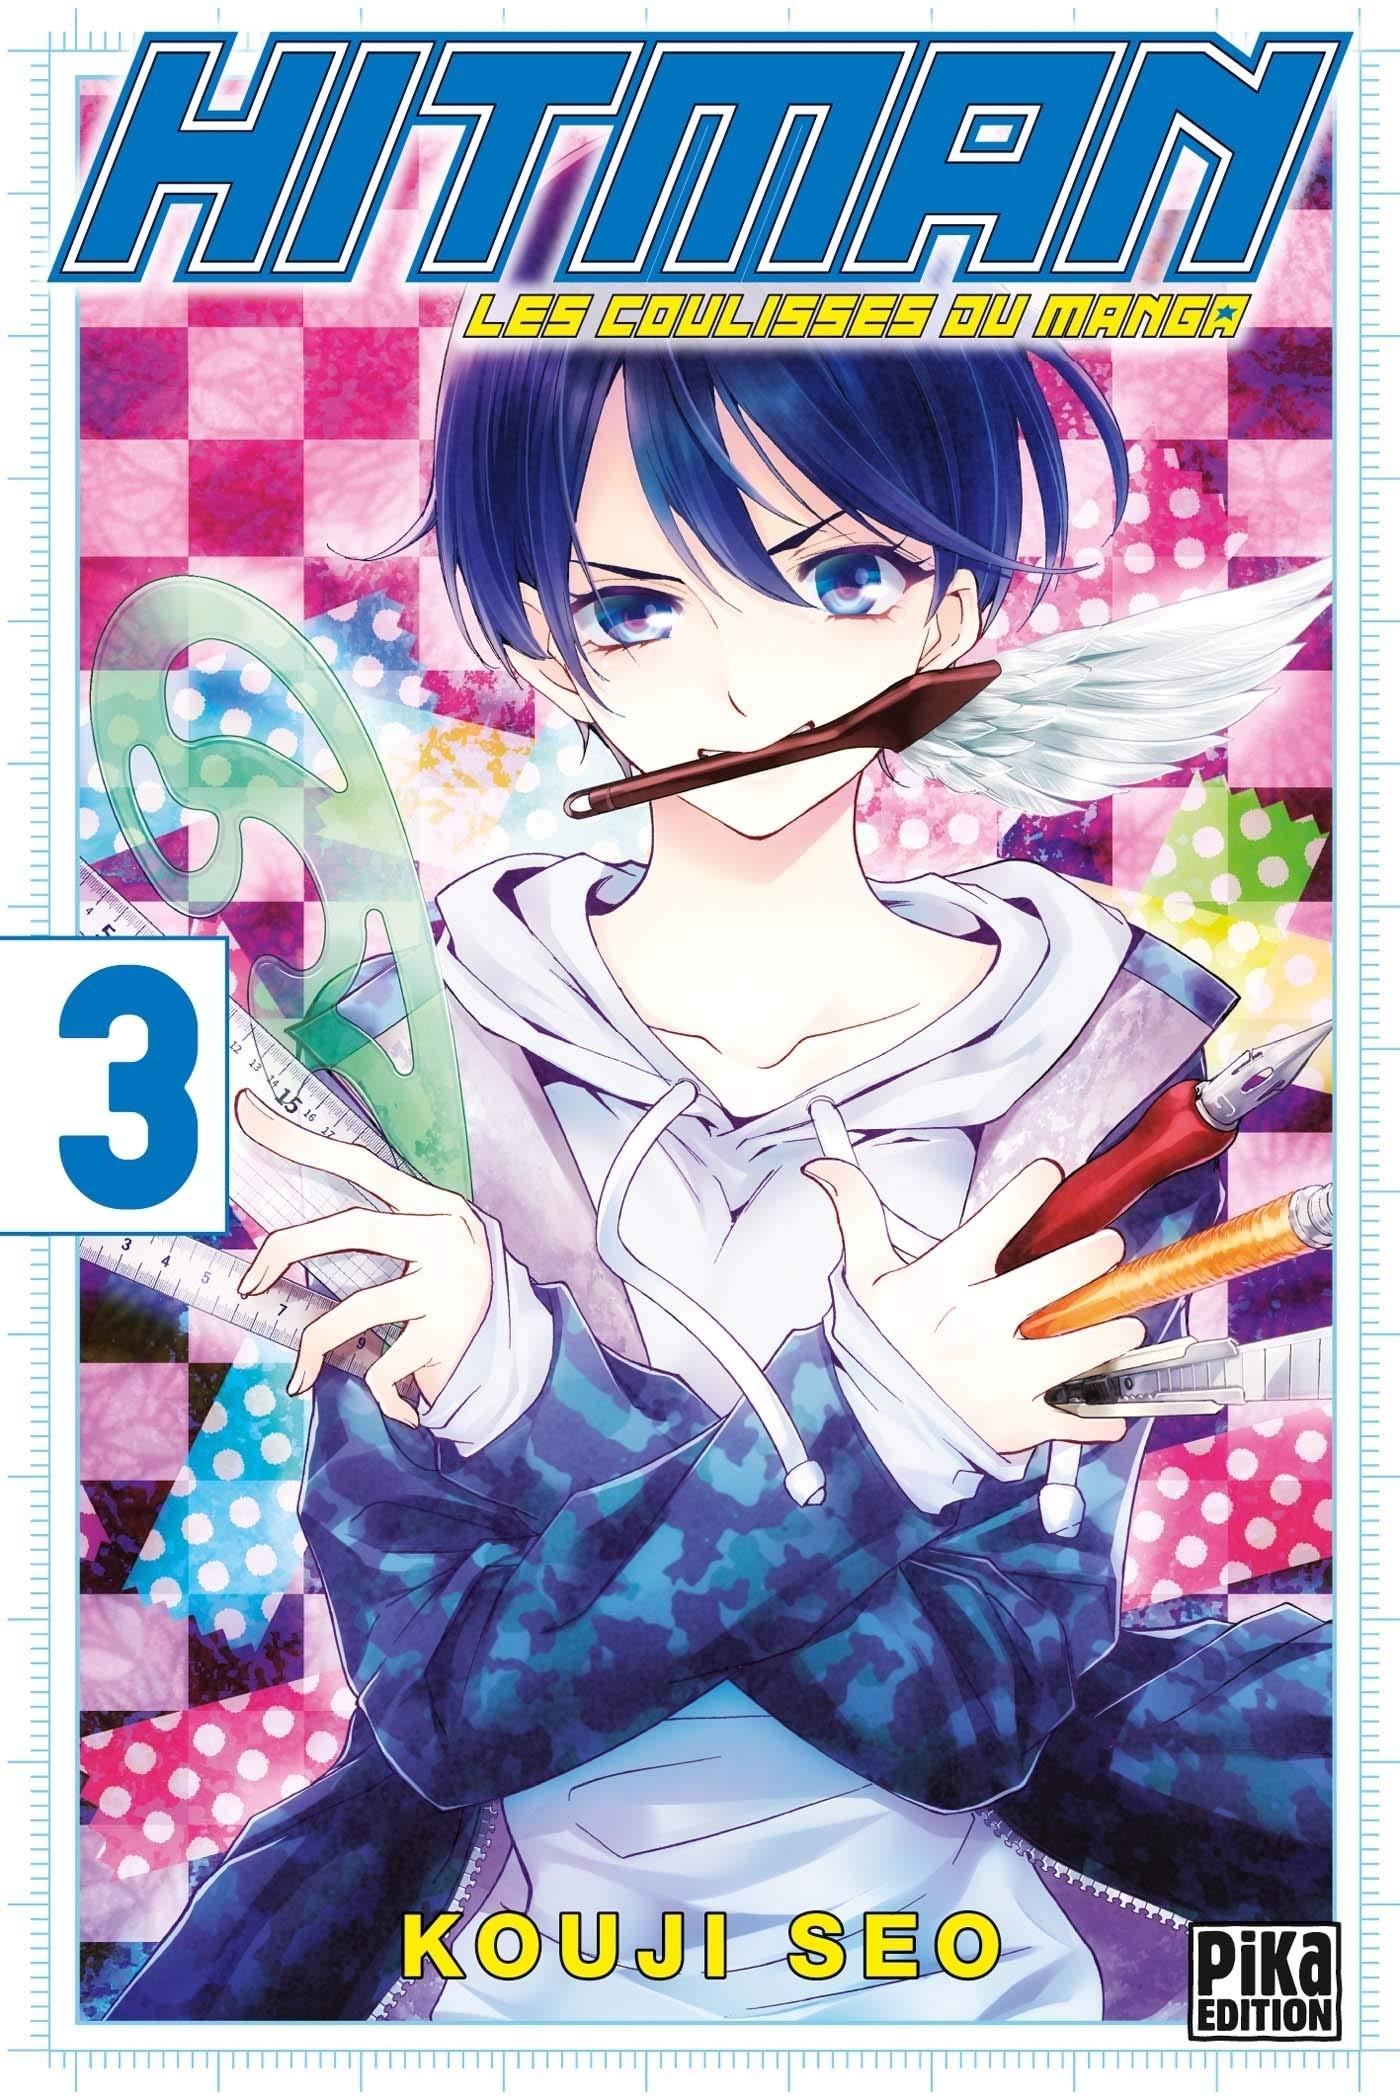 Hitman, Les coulisses du manga 3